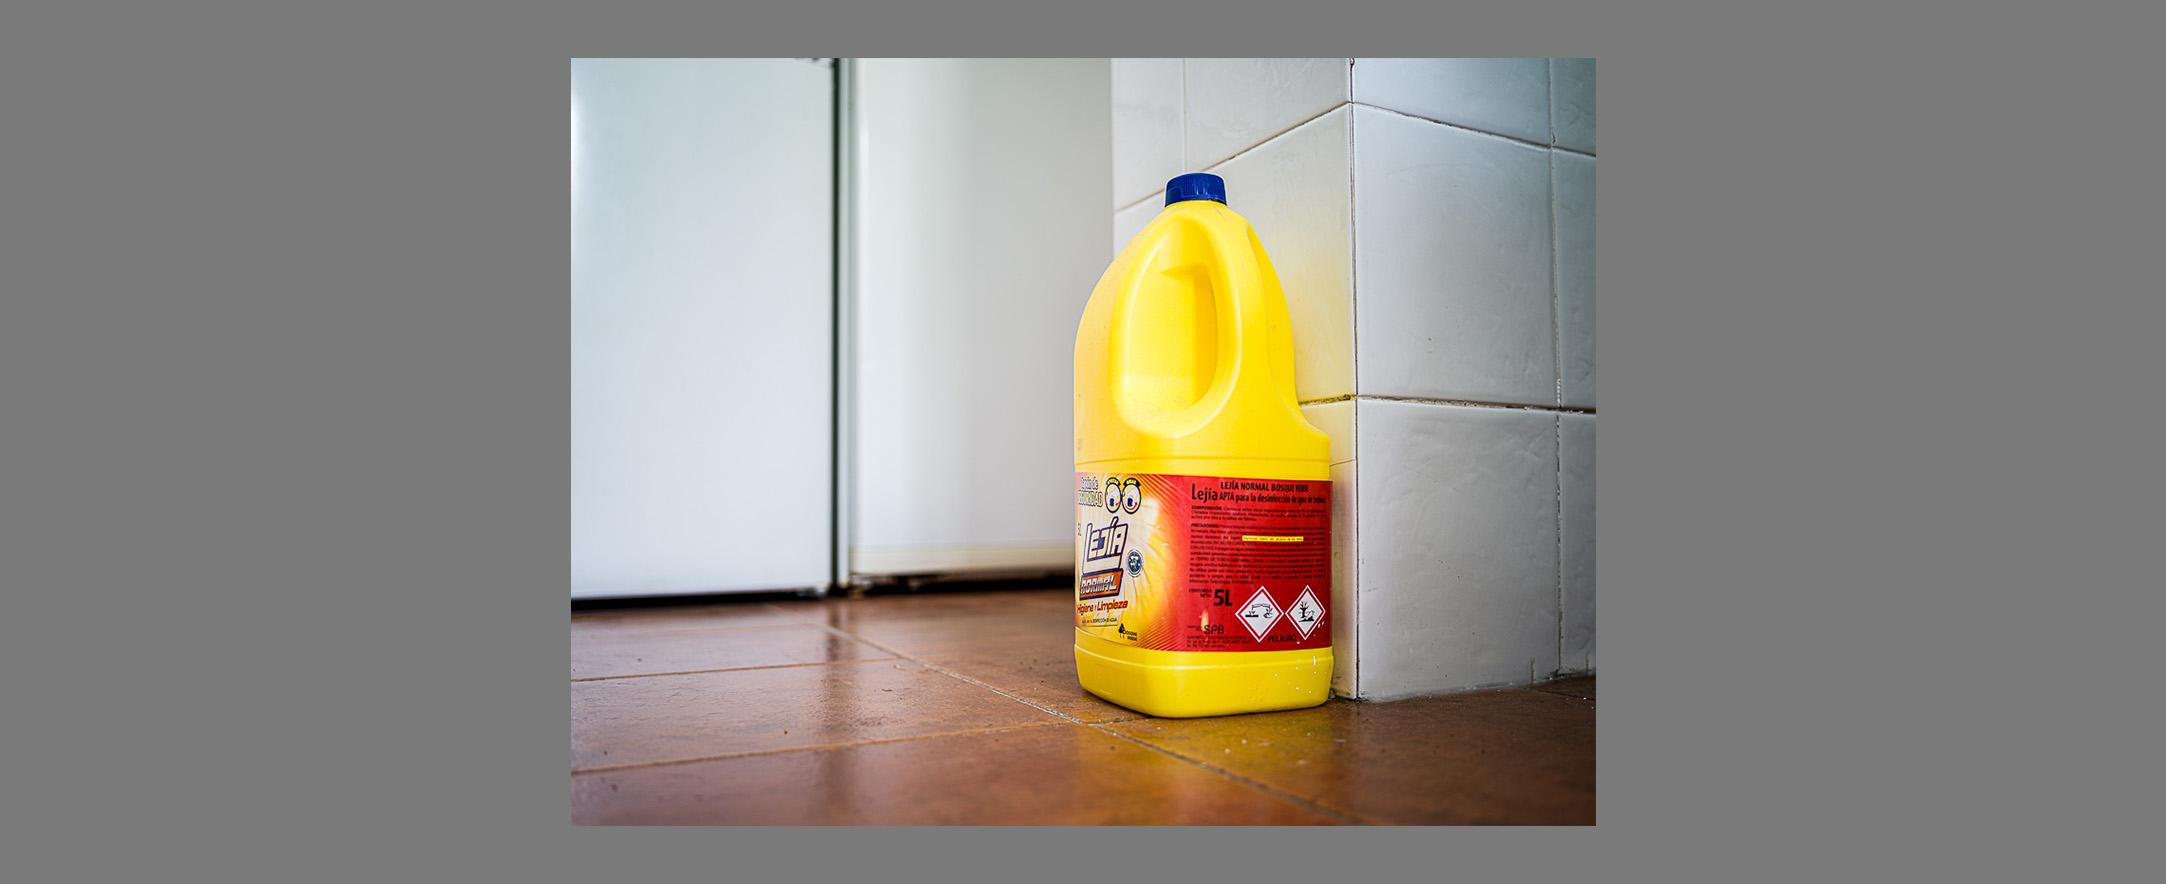 La botella amarilla.